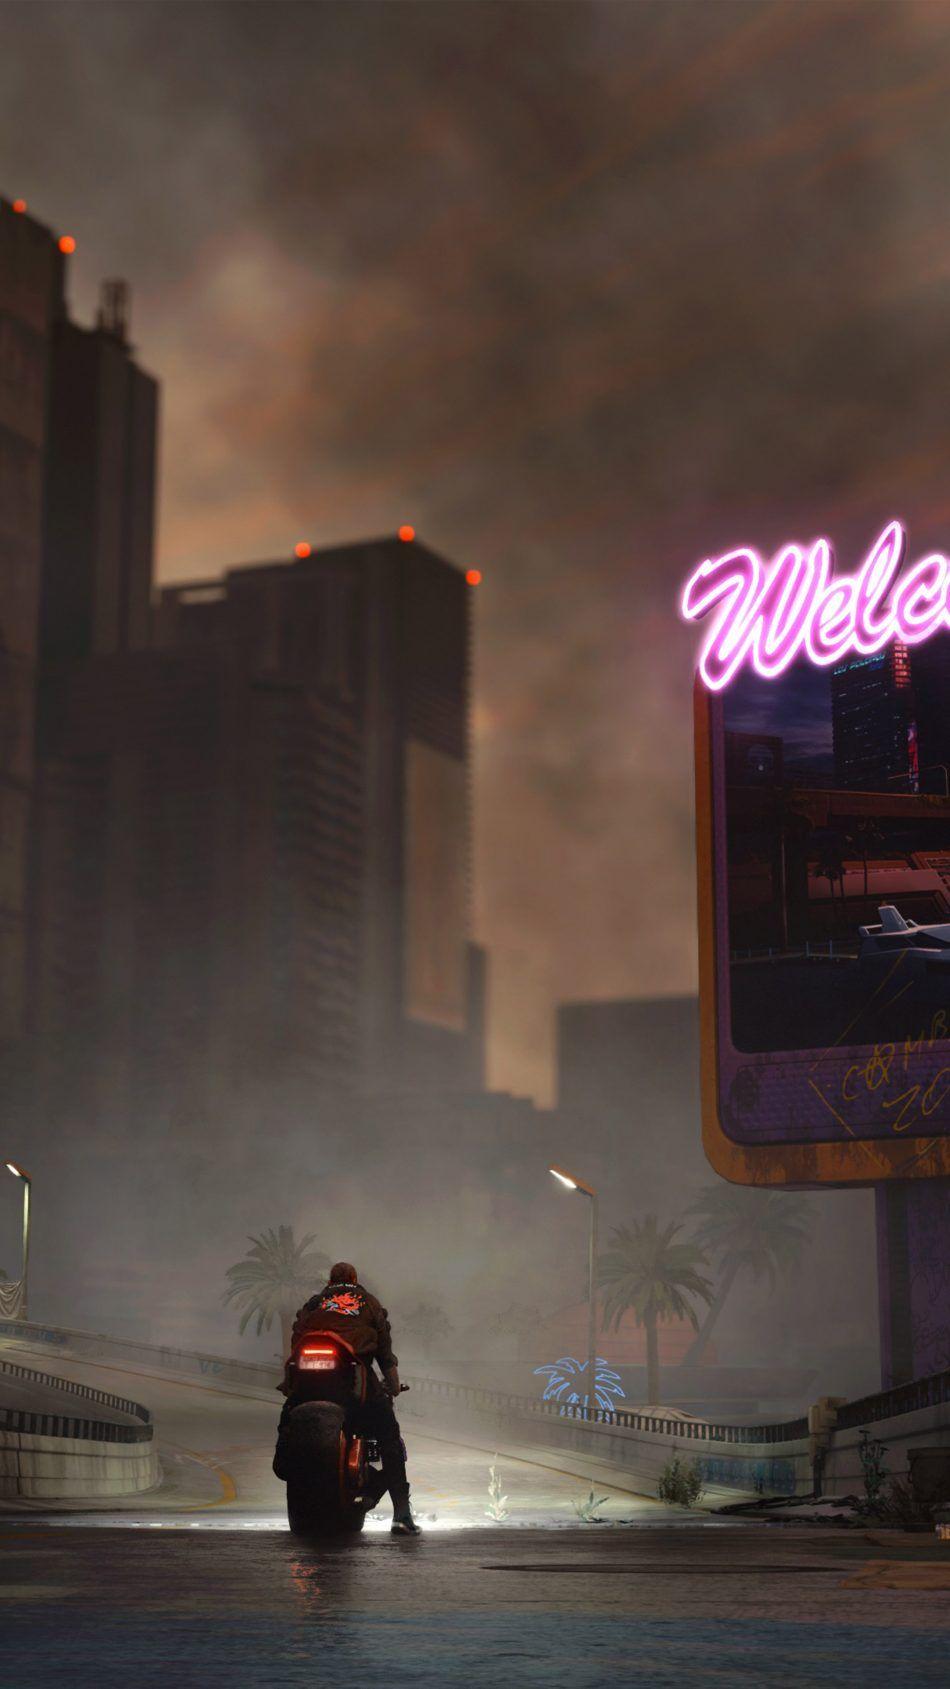 Bike Ride Cyberpunk 2077 4k Ultra Hd Mobile Wallpaper Cyberpunk Aesthetic Cyberpunk 2077 Cyberpunk City